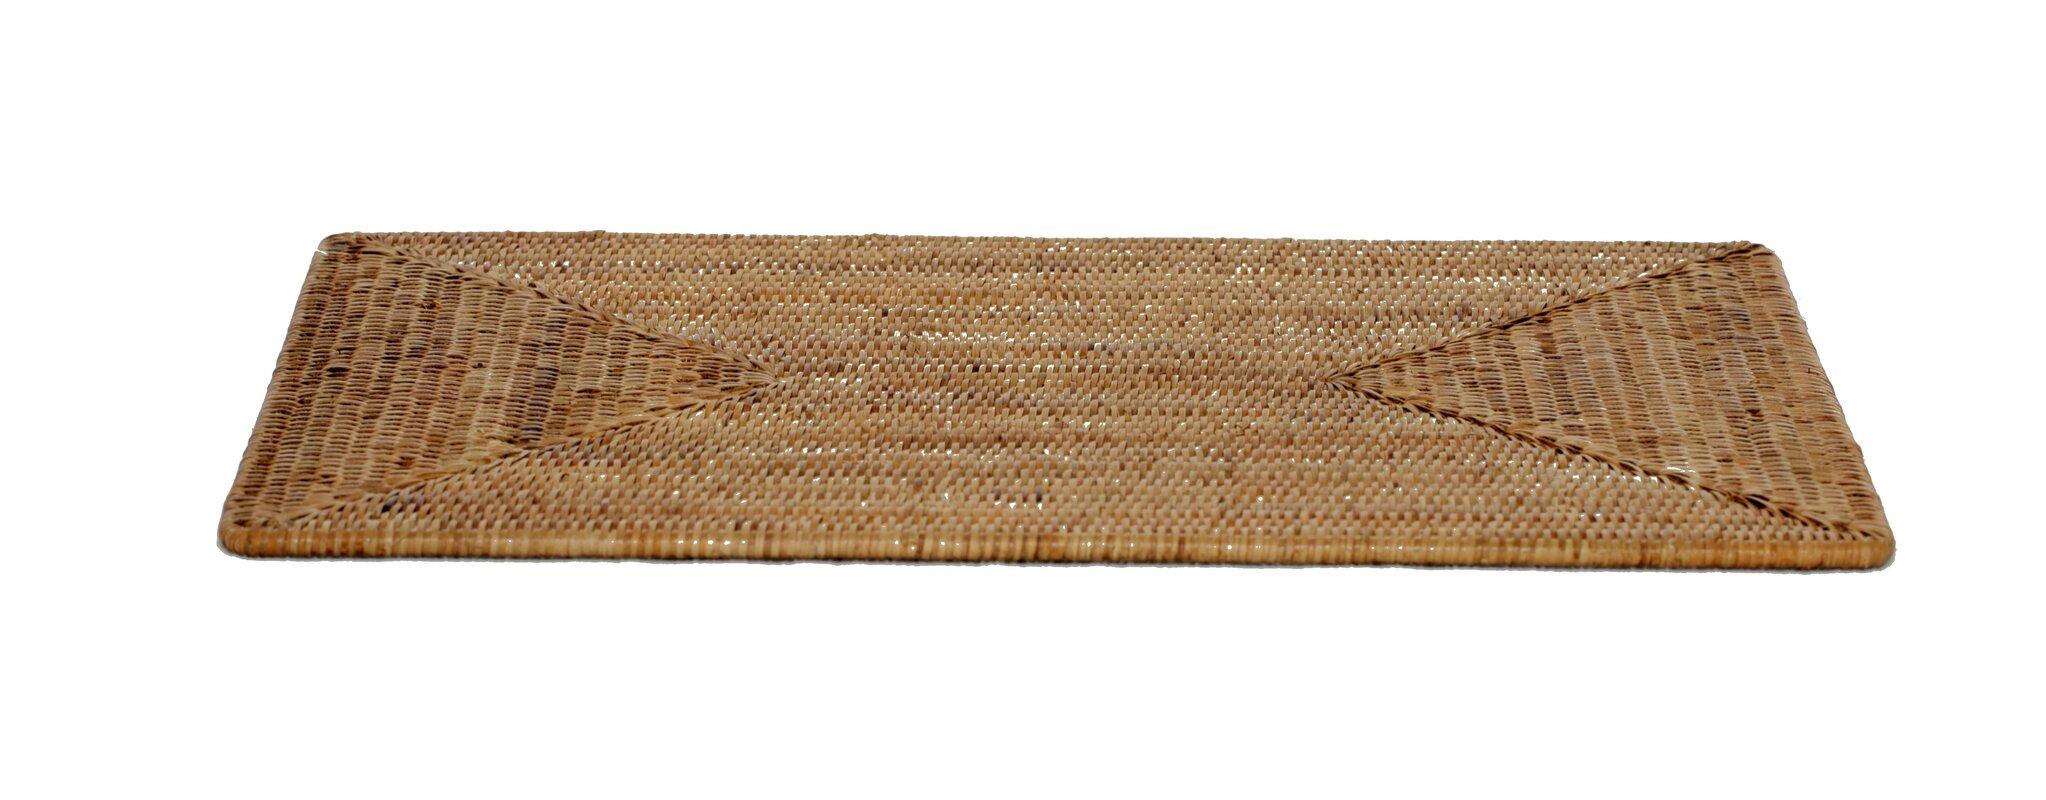 Rattan Large Rectangular Placemat